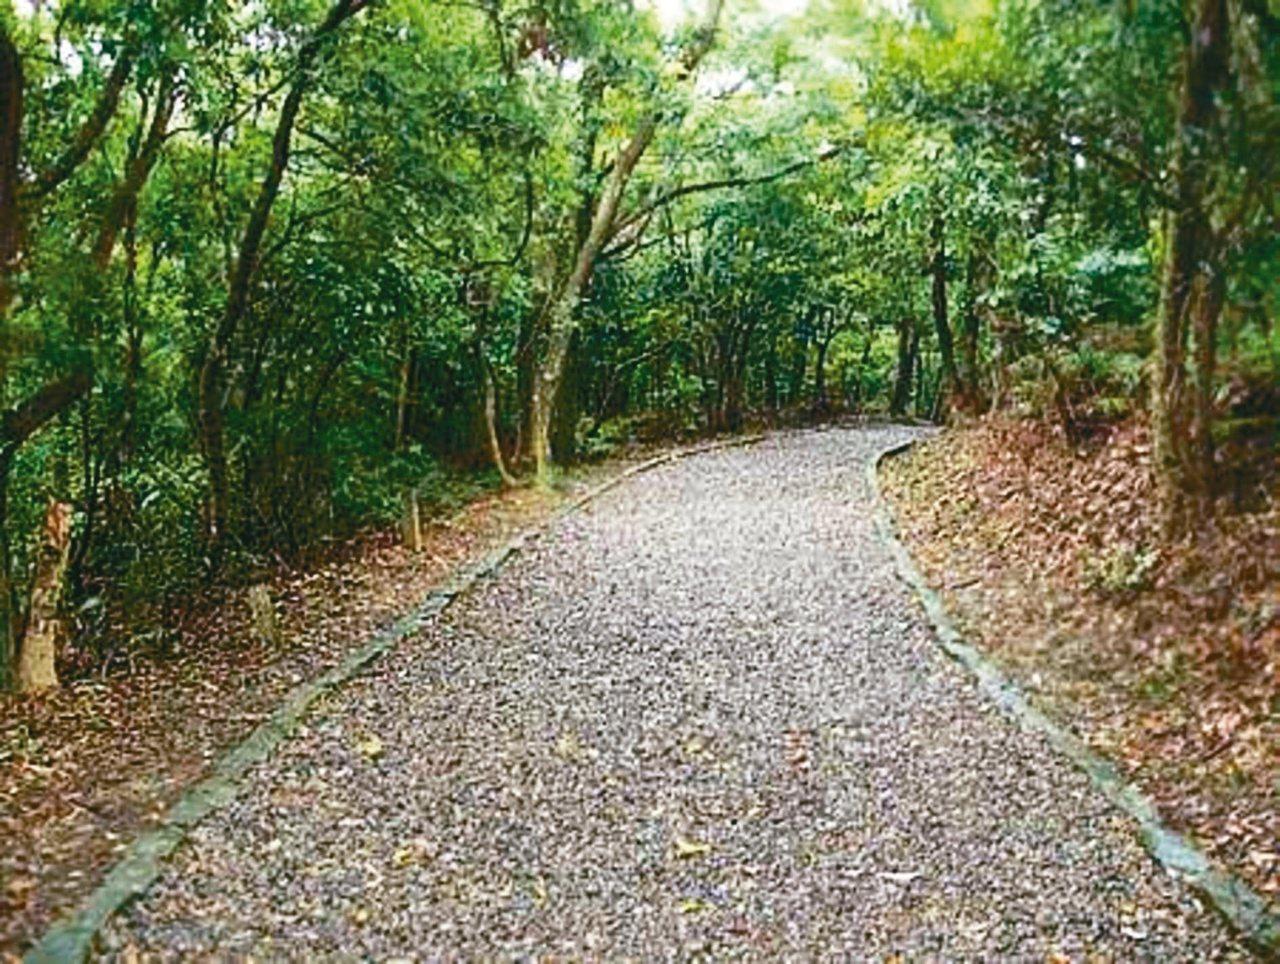 大崙頭尾山親山步道兩側有高聳林蔭,走起來更是涼爽。 圖/摘自台北旅遊網